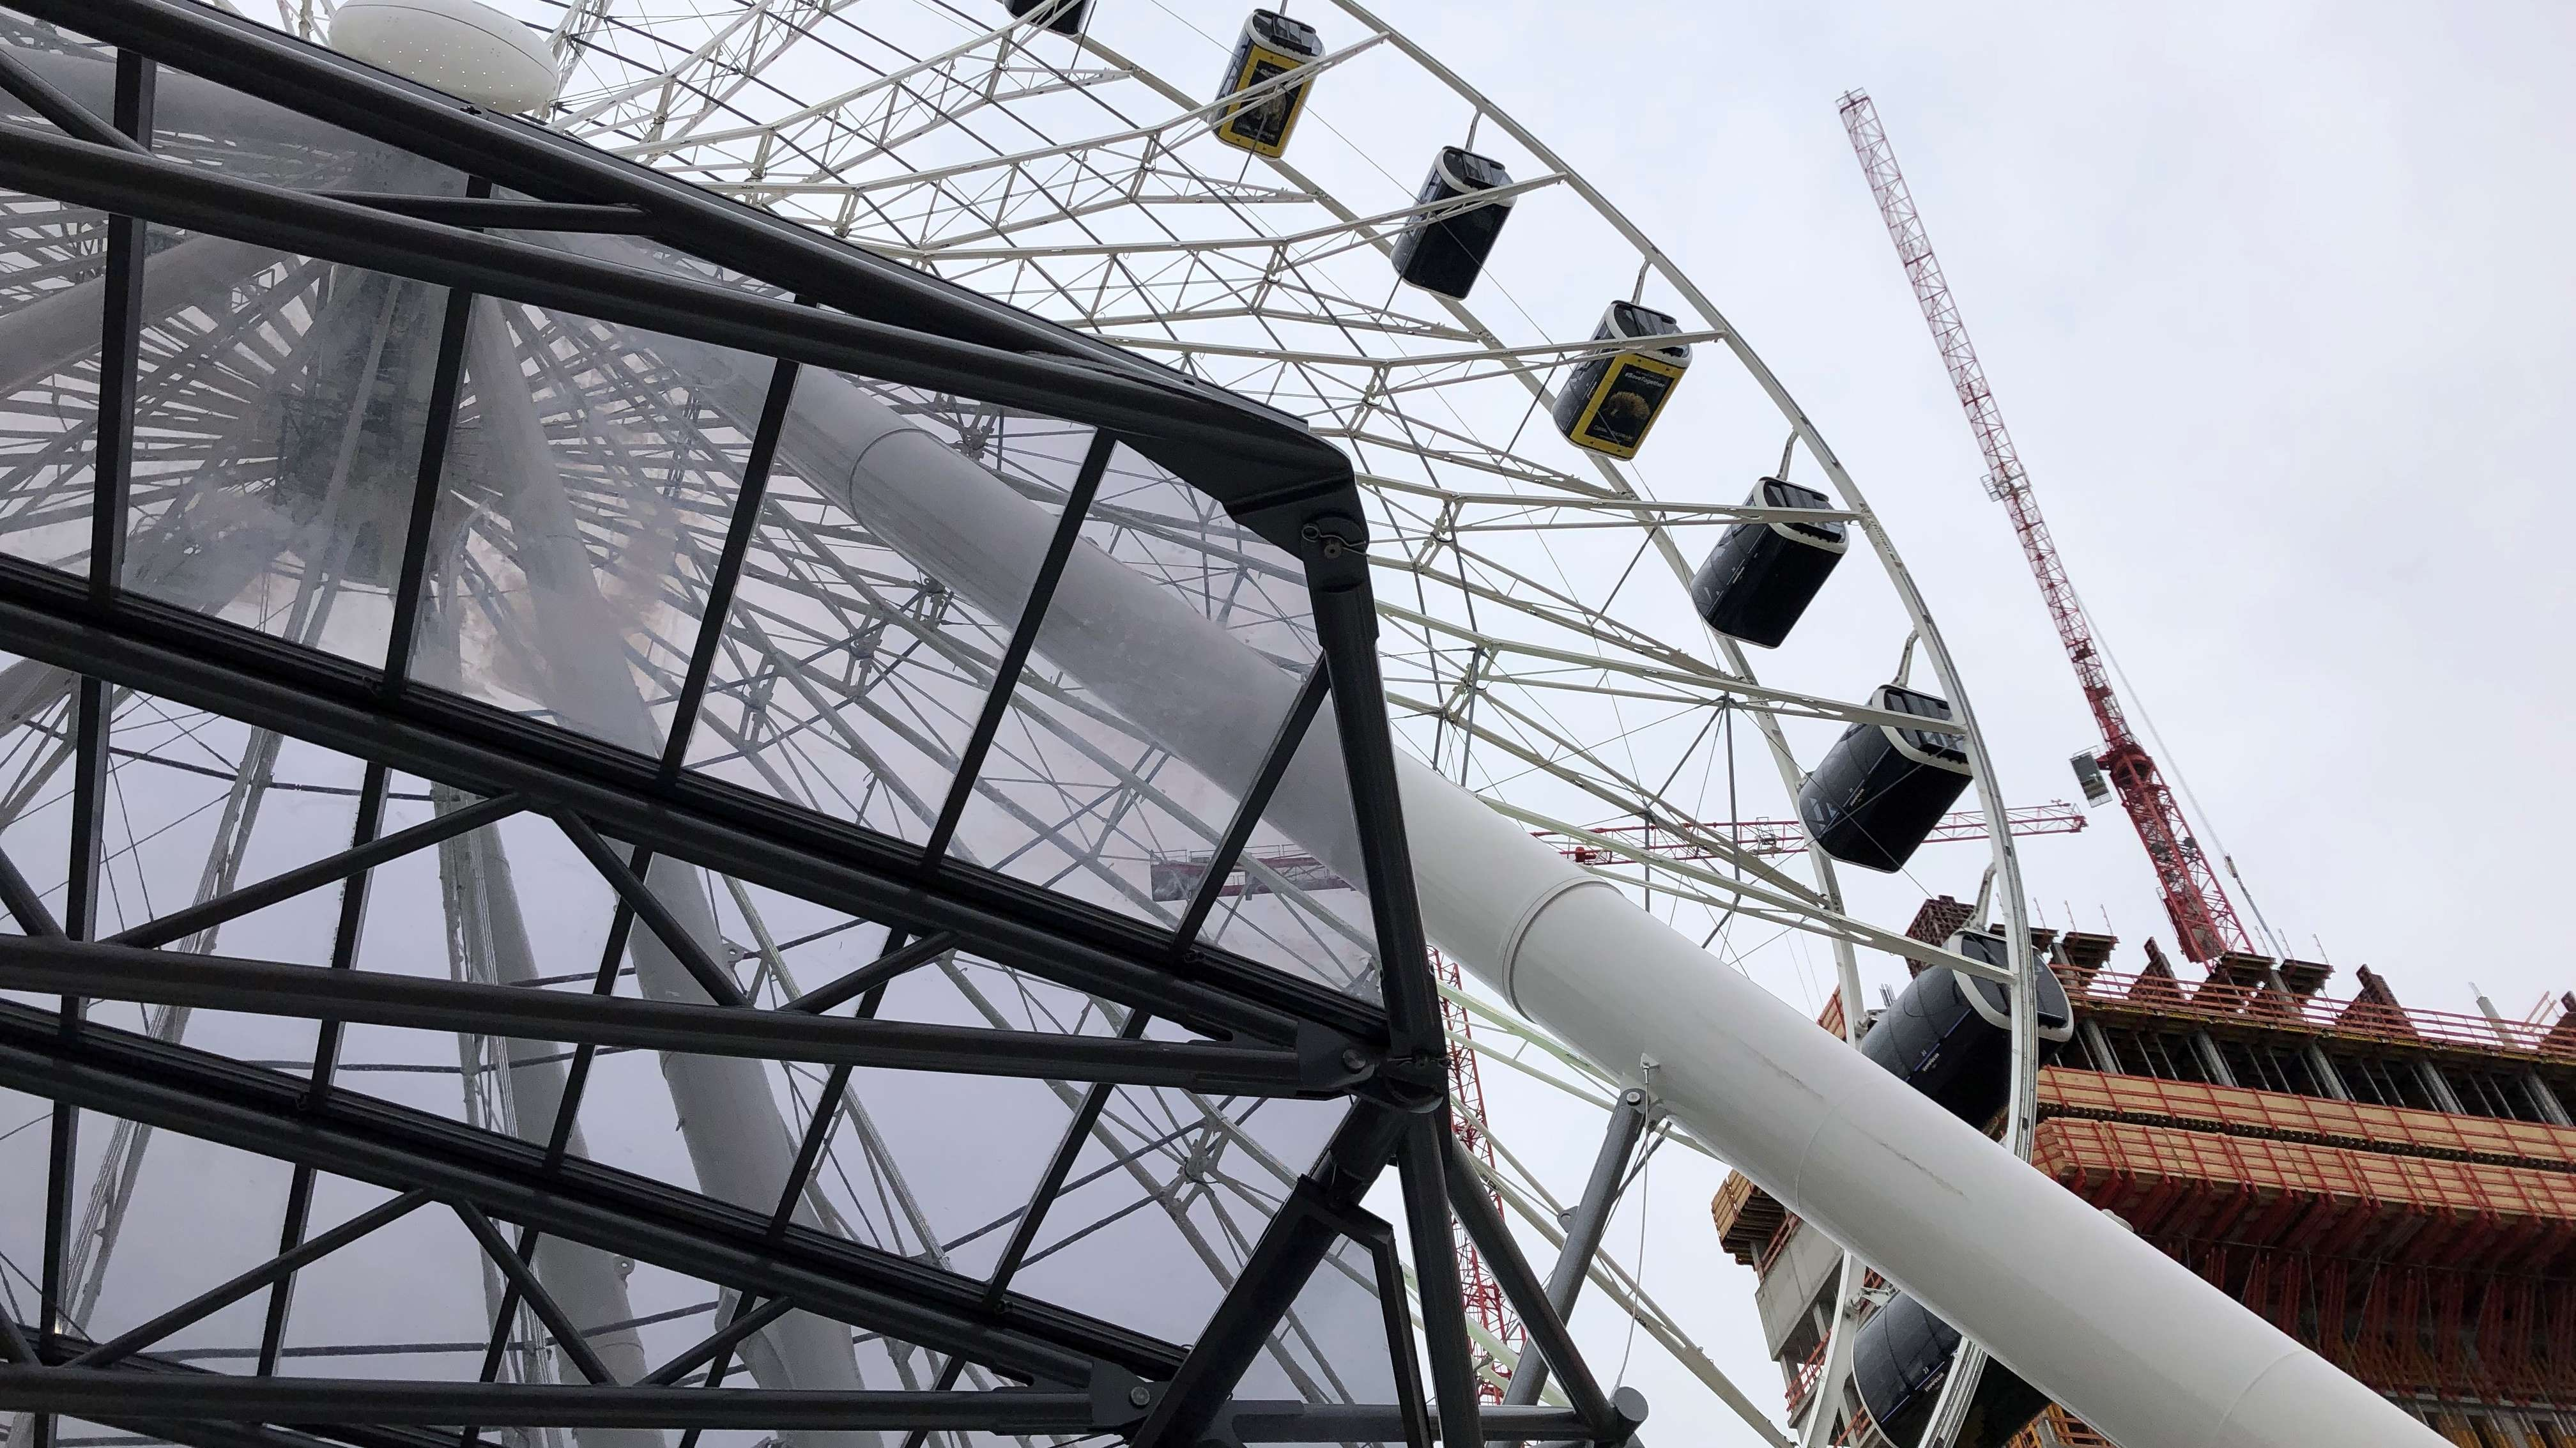 Das neue Riesenrad im Werkviertel von München von unten